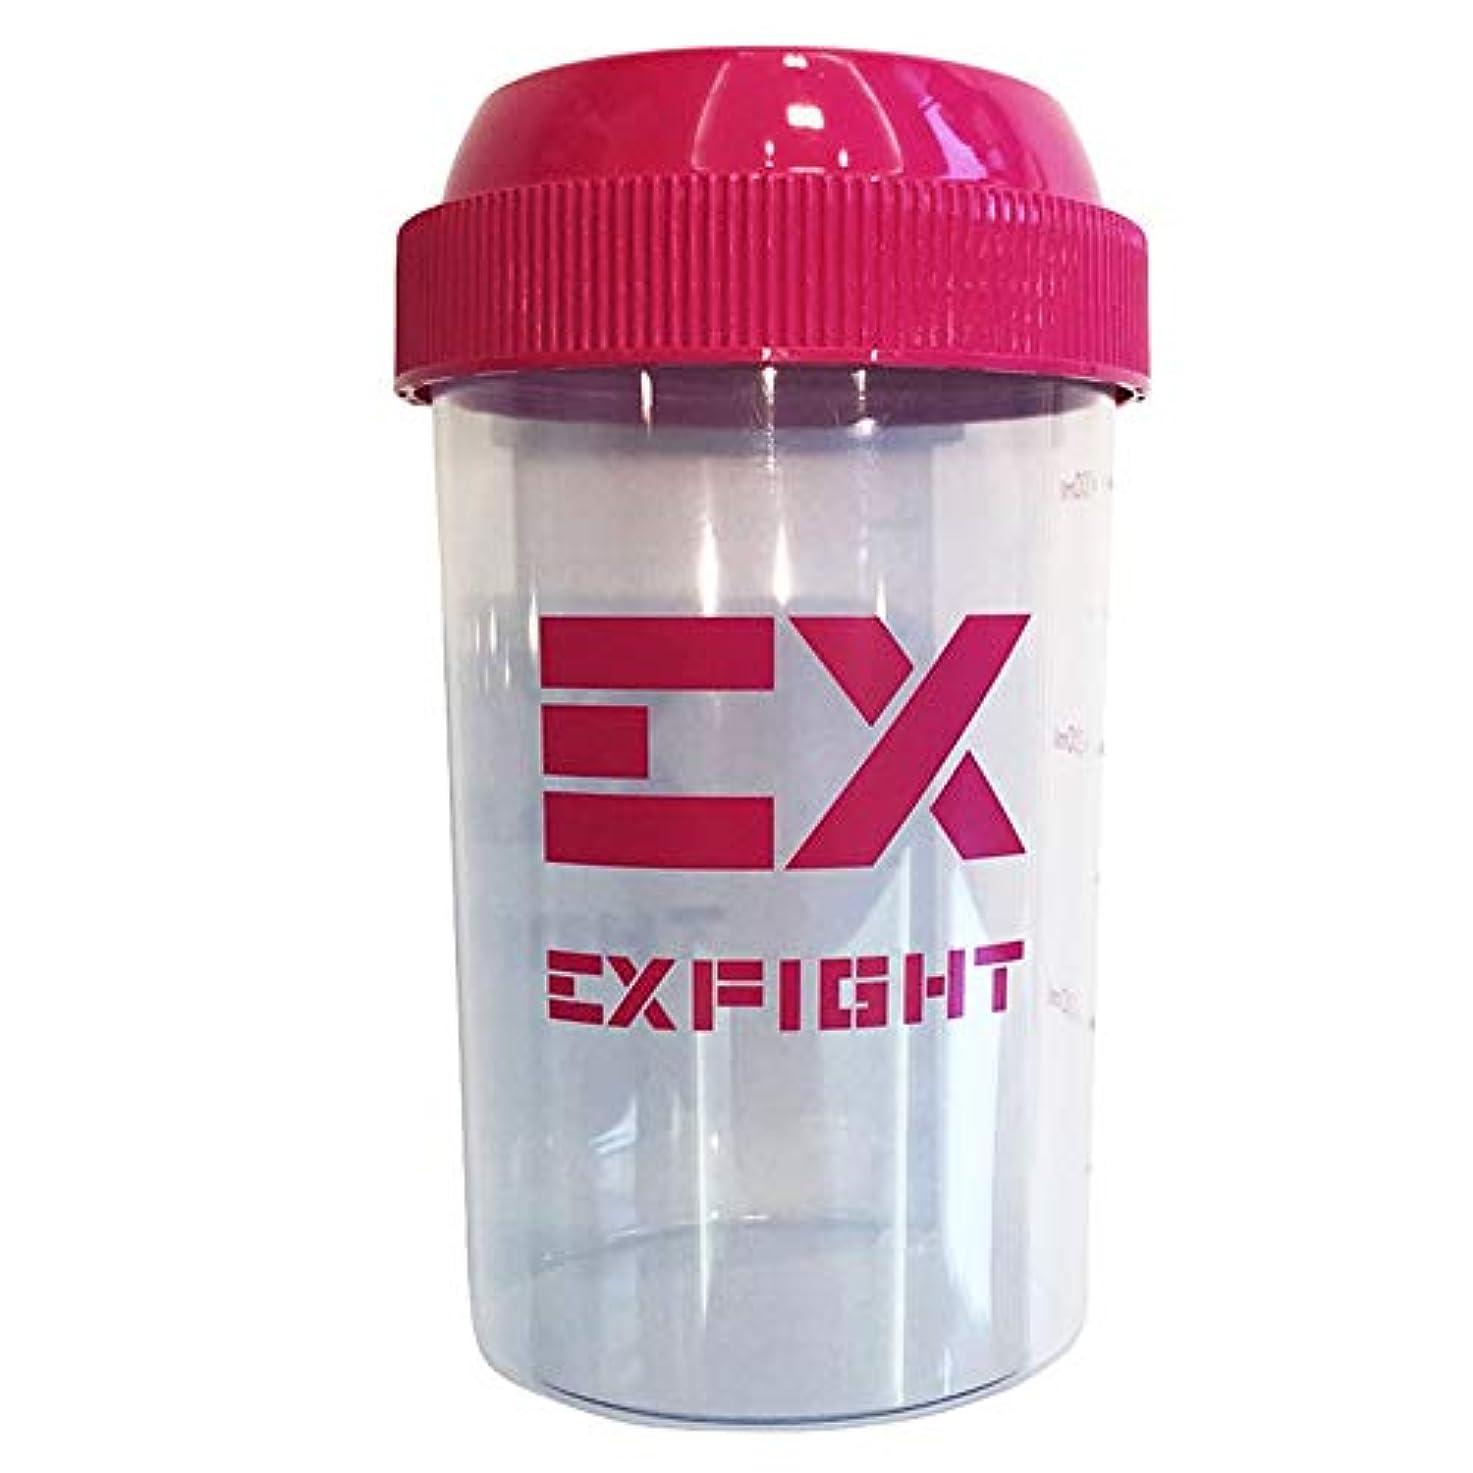 入口取るに足らない毎月EX-SHAKER シェイカーボトル ピンク 300ml(エクスサプリ EXSUPPLI シェーカー EXILE サプリ)